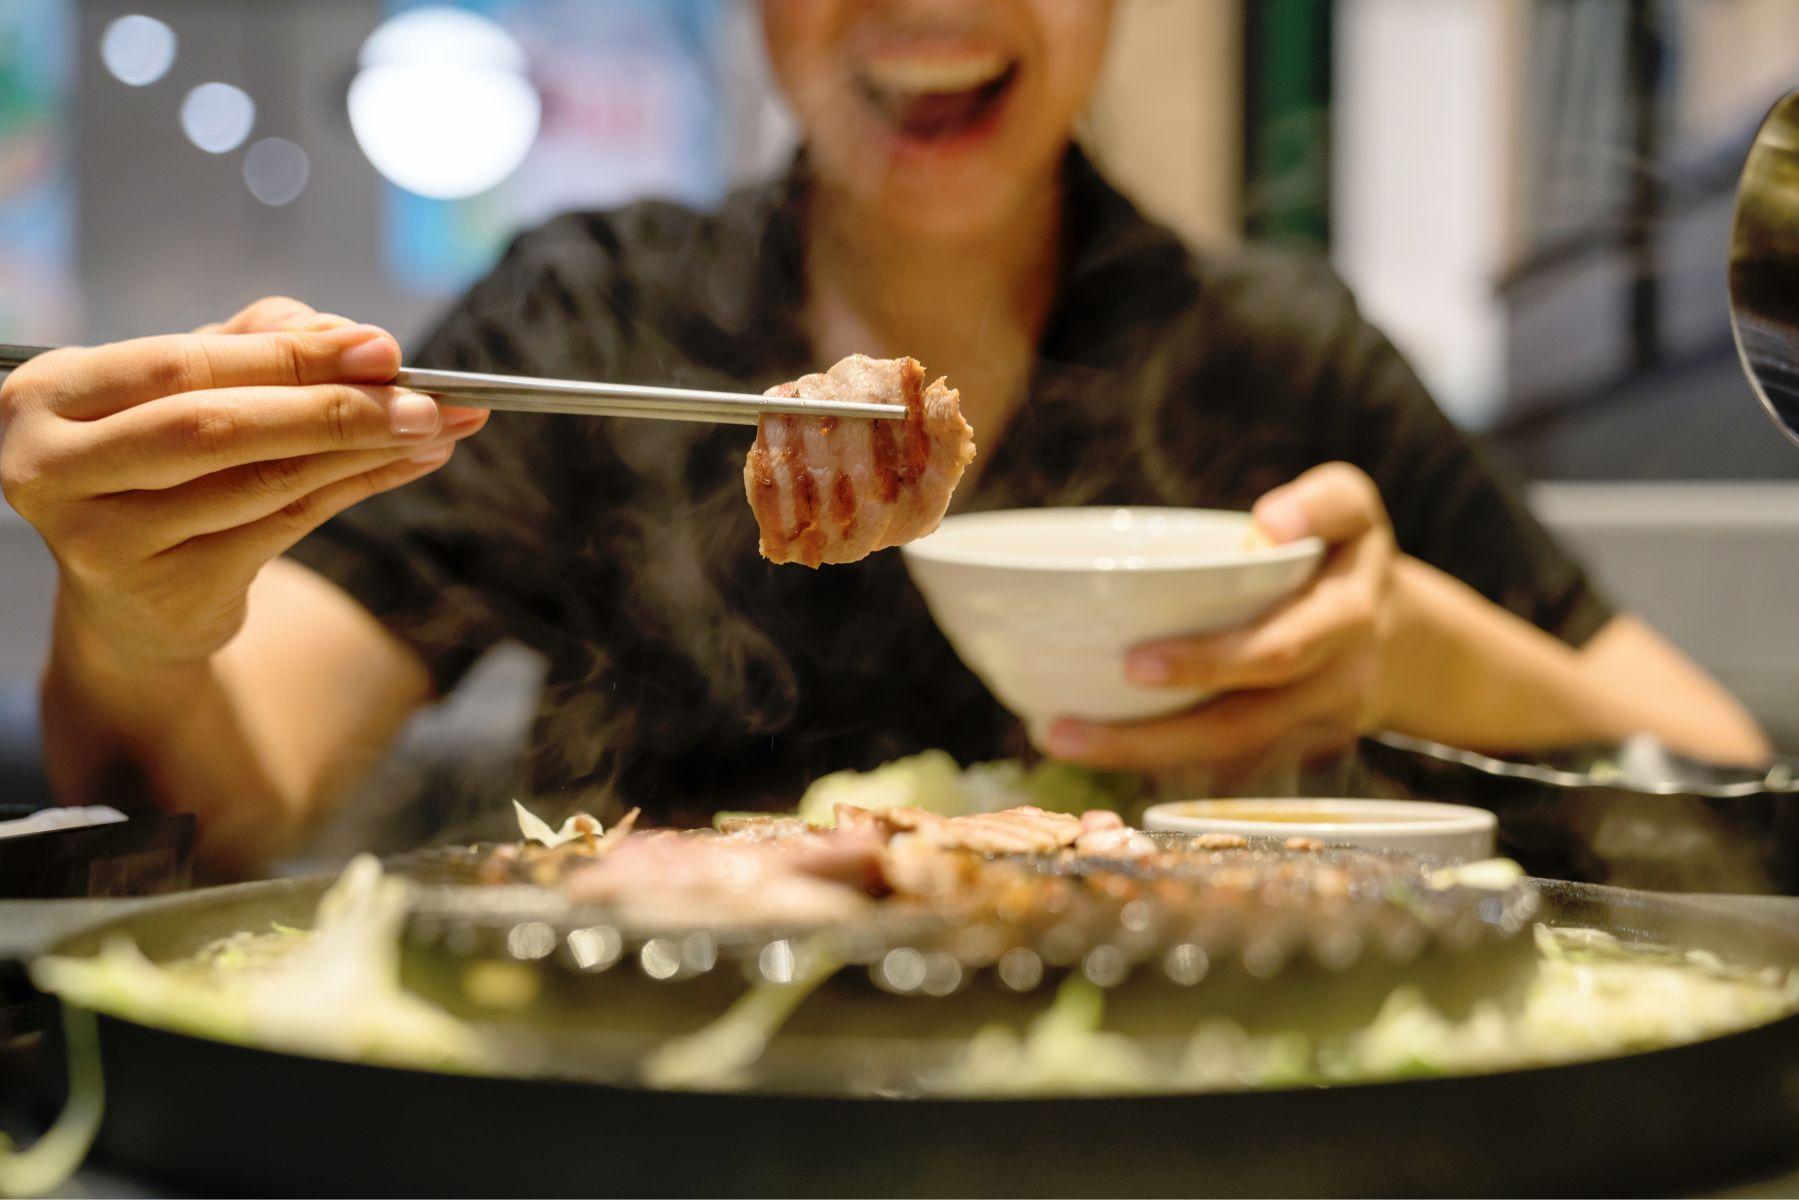 癌症跟「吃」有關係!研究顯示:這些食物易致癌,調整後可降低罹癌率